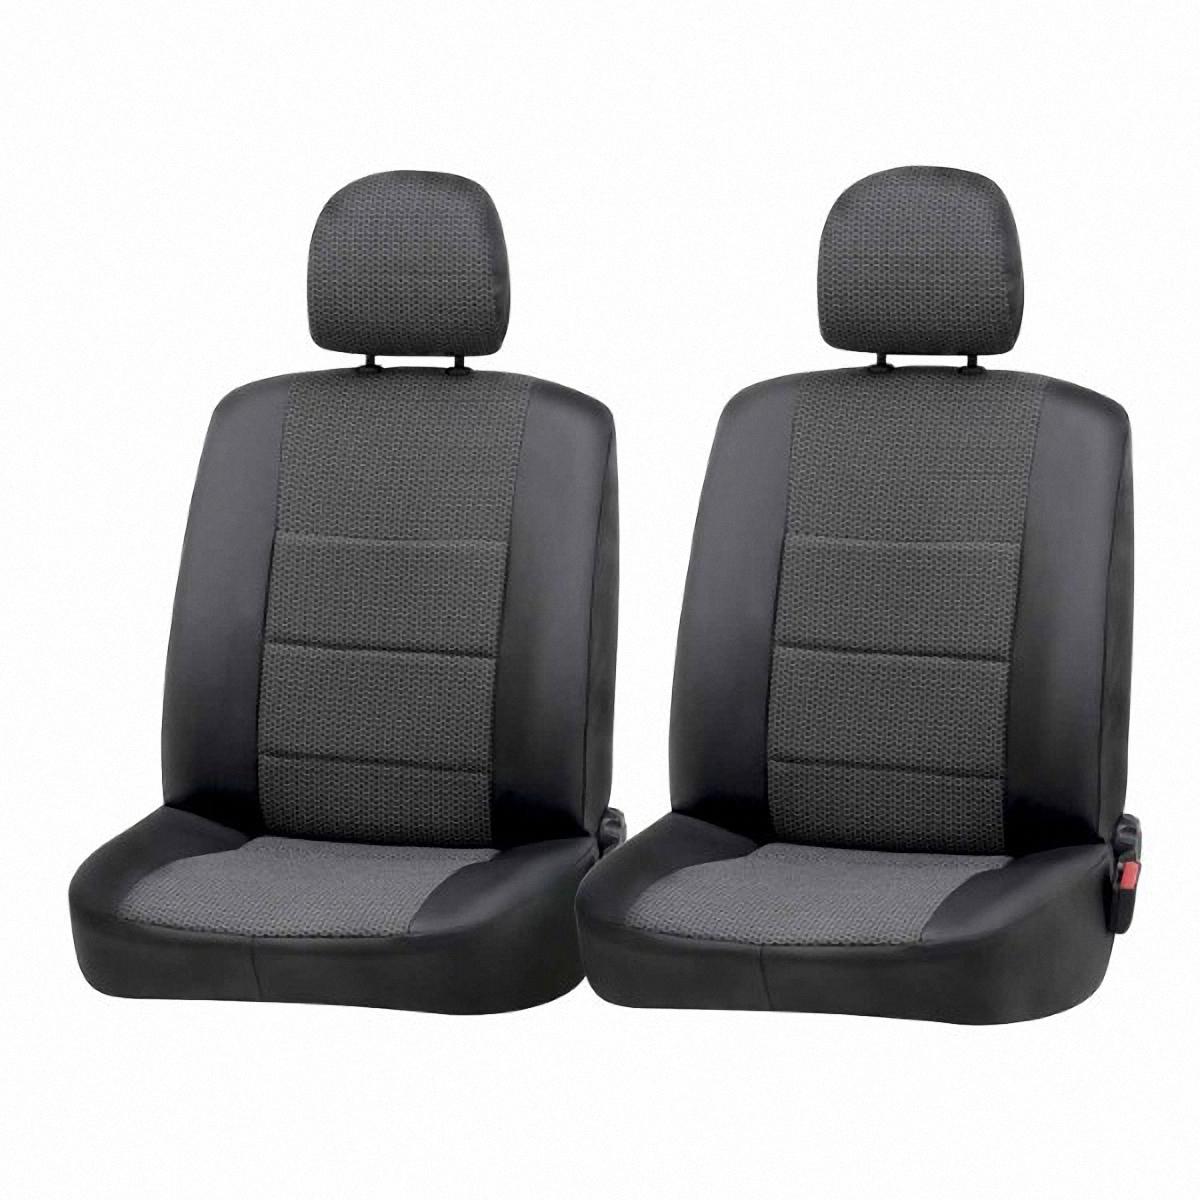 Чехол на сиденье Skyway Suzuki SX4 (хэтчбек). Sz1-2К чехол на сиденье skyway lada priora хэтчбек v001 d4